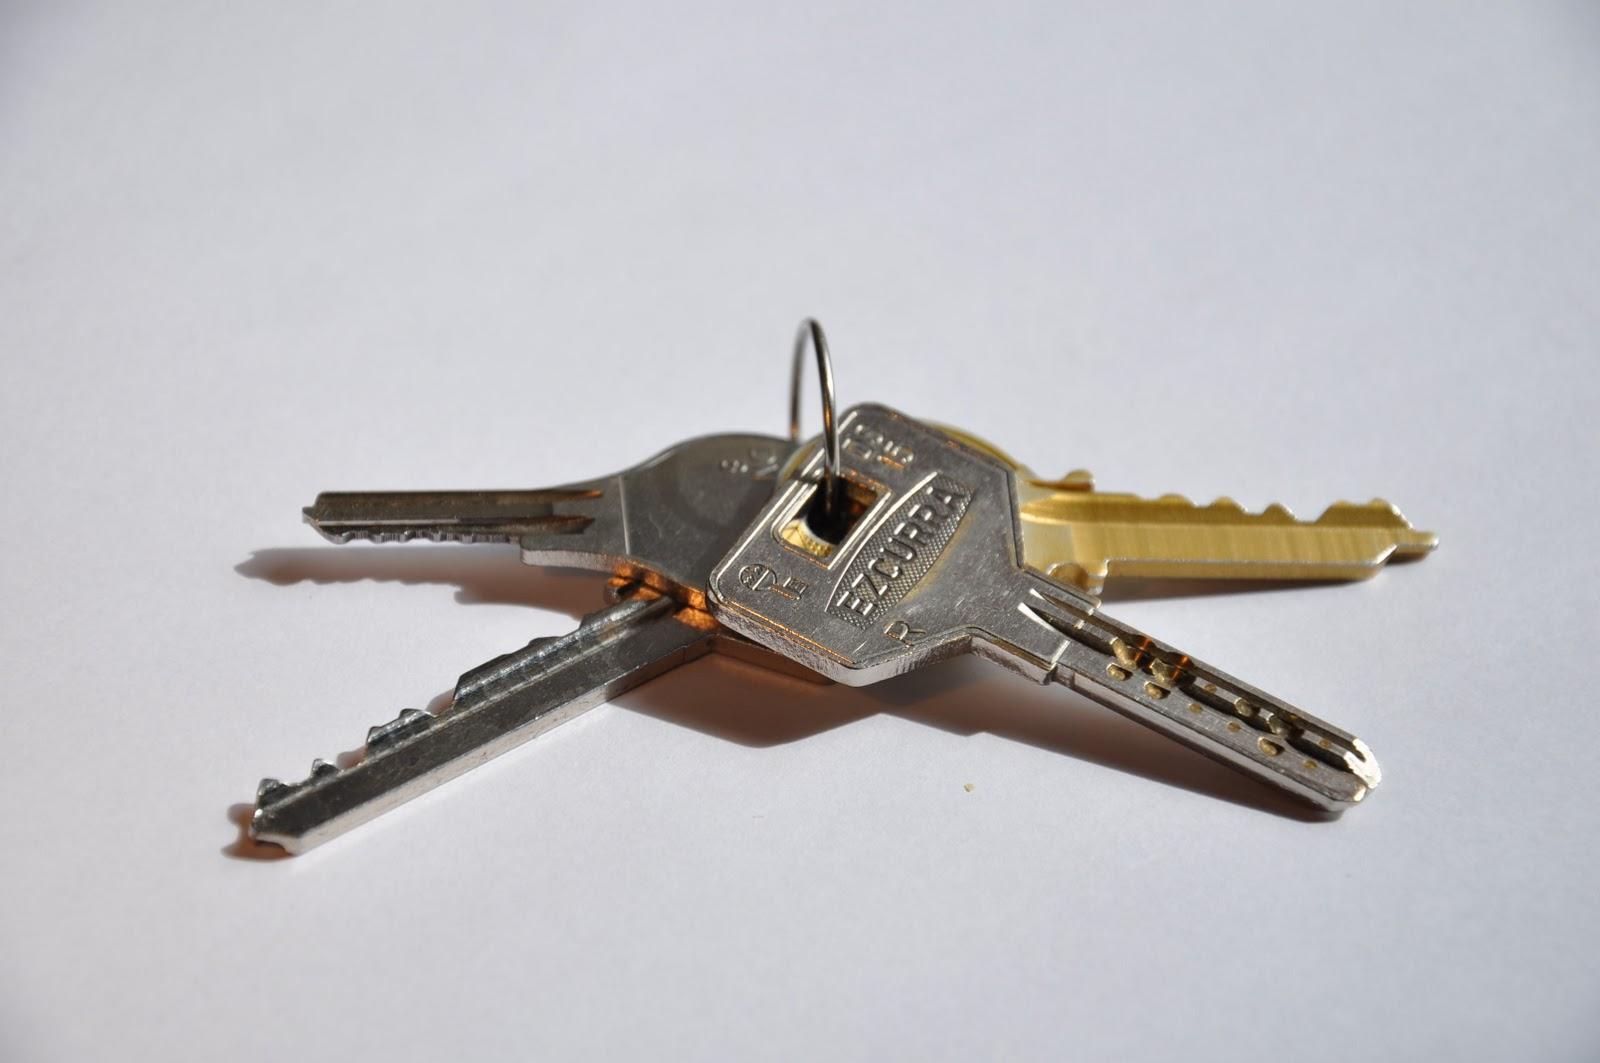 Margil dib llaves perdidas for Llave de regadera no cierra